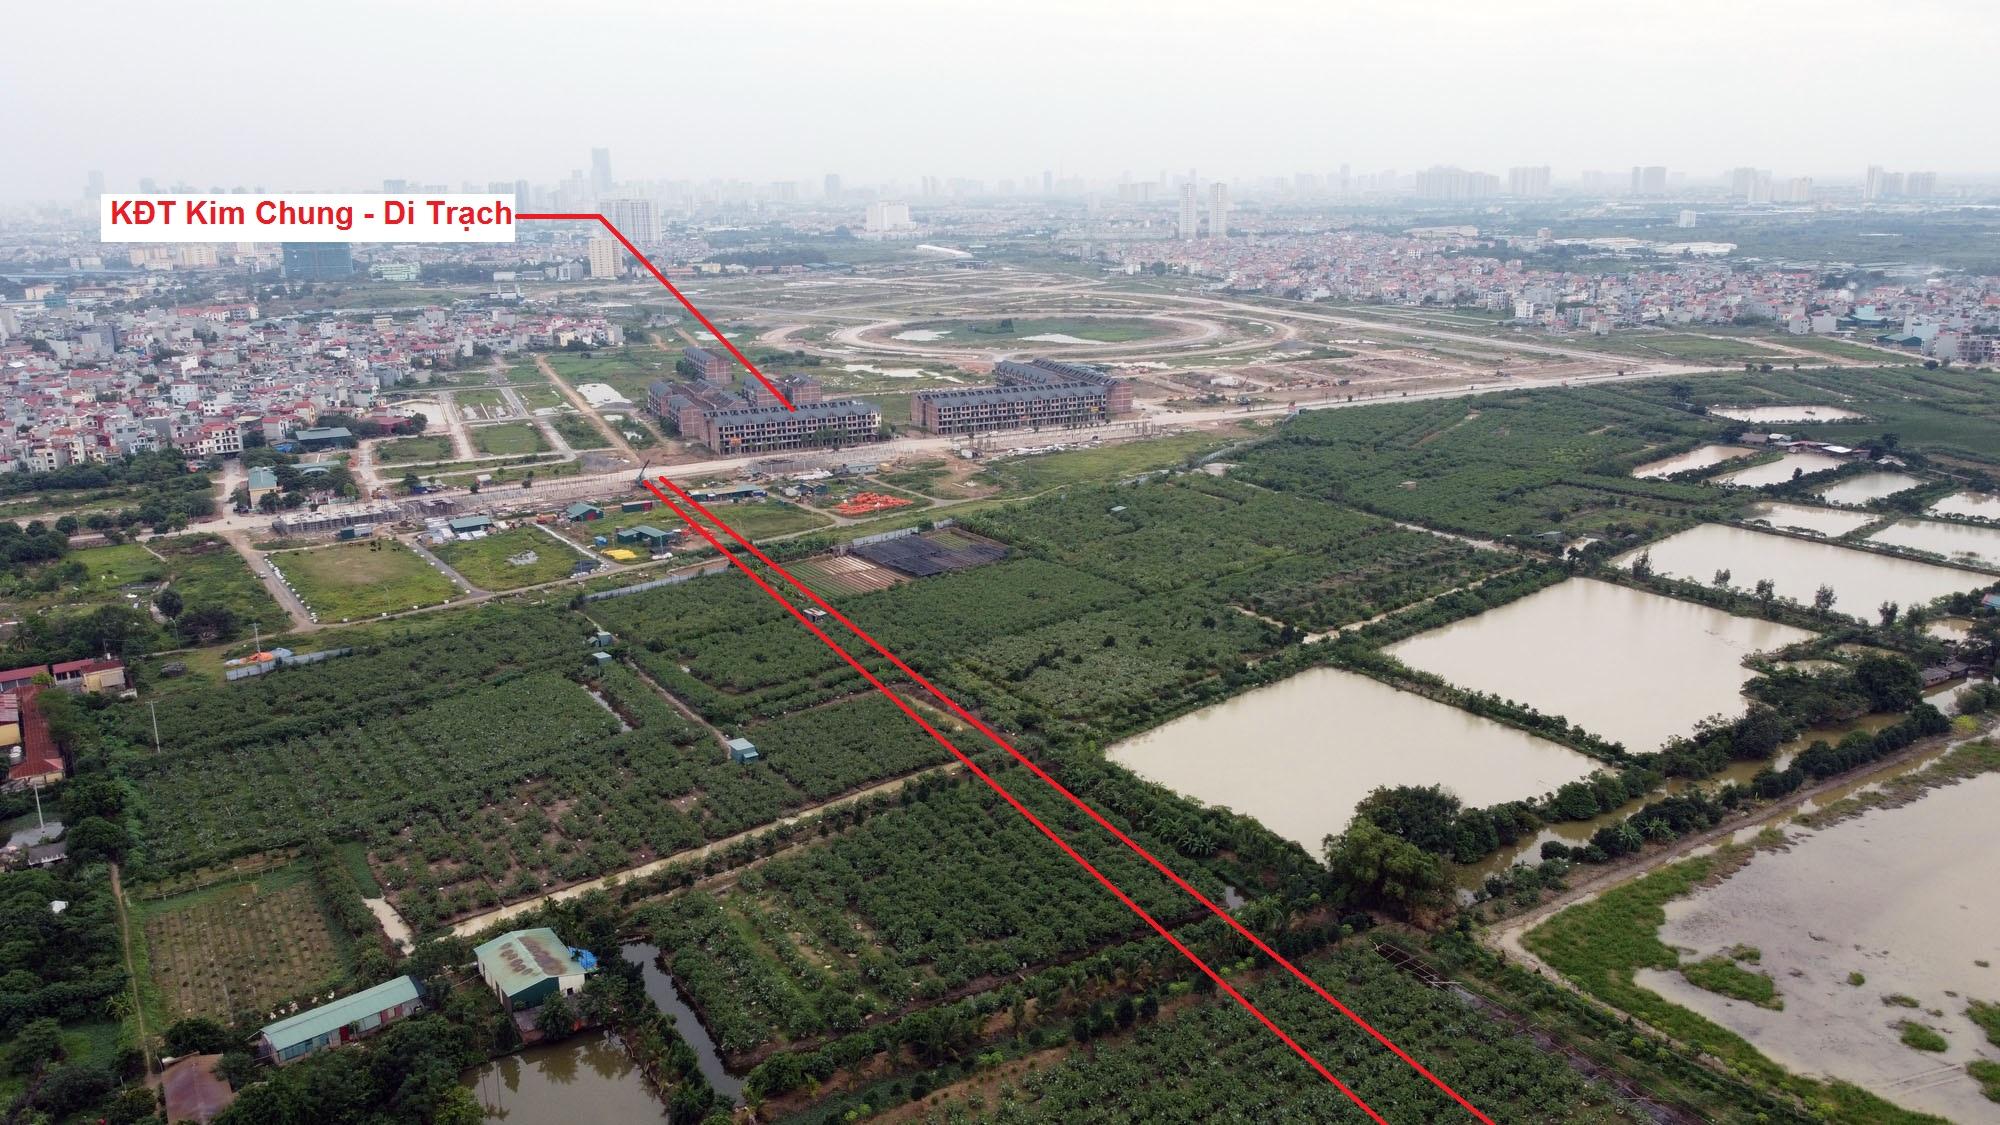 Ba đường sẽ mở theo quy hoạch ở xã Đức Giang, Hoài Đức, Hà Nội - Ảnh 9.